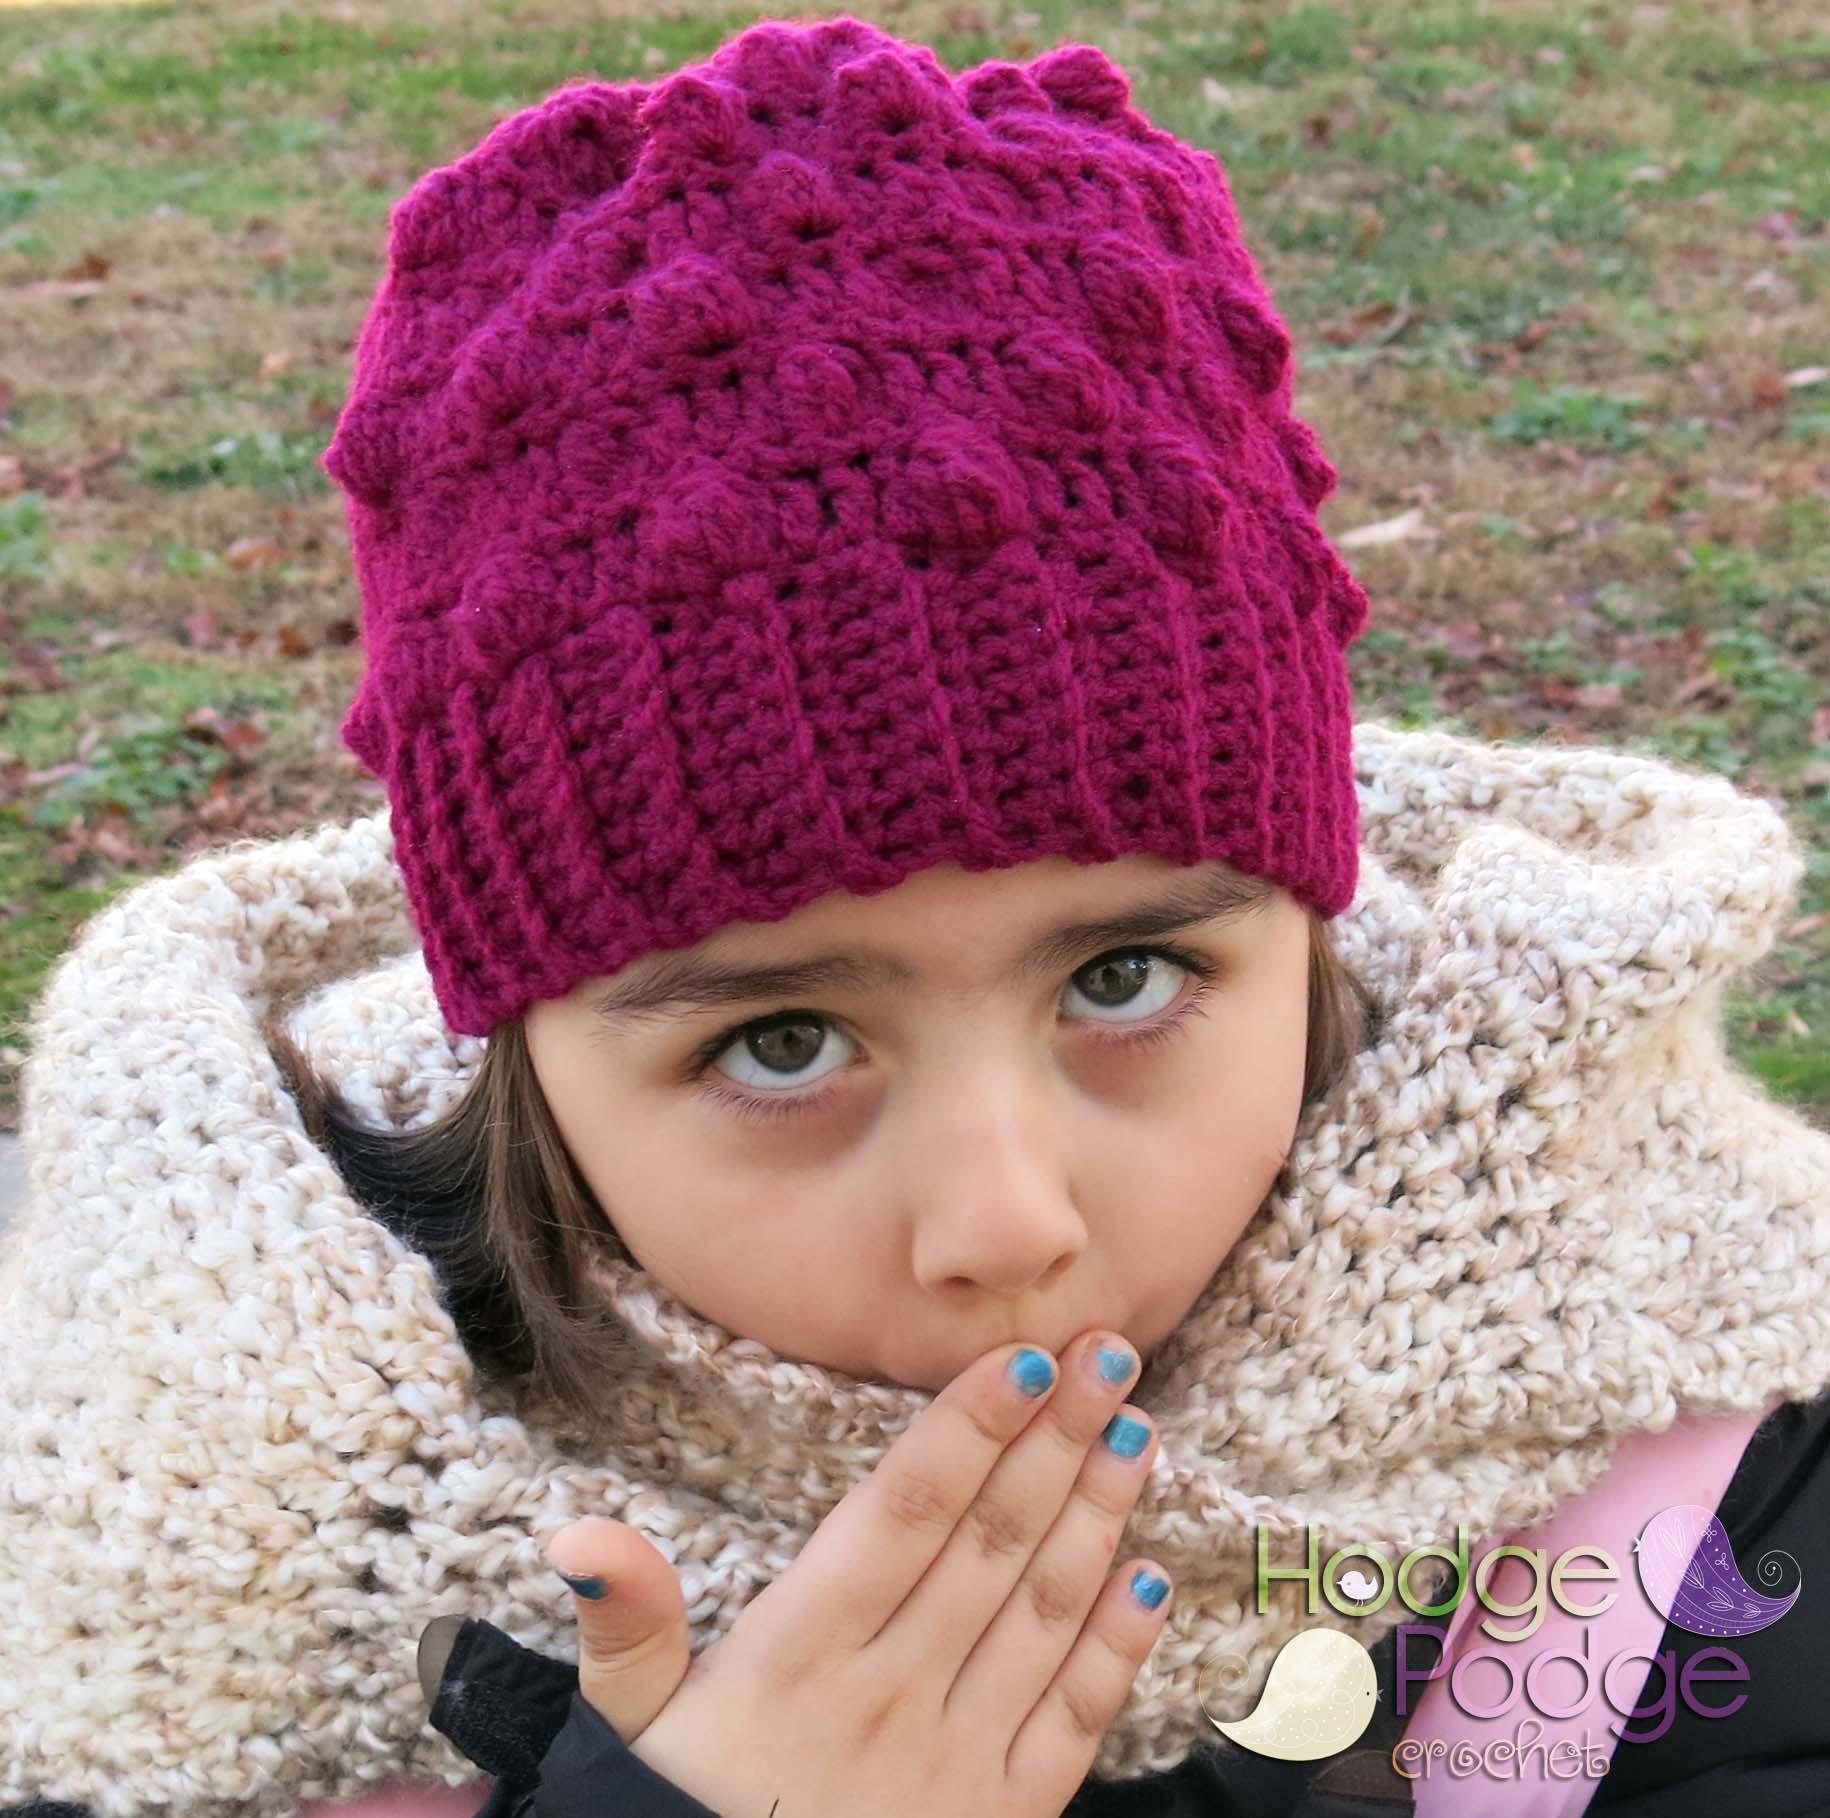 Free Crochet Pattern Bobble Hat : Bobble Beanie HodgePodge Crochet